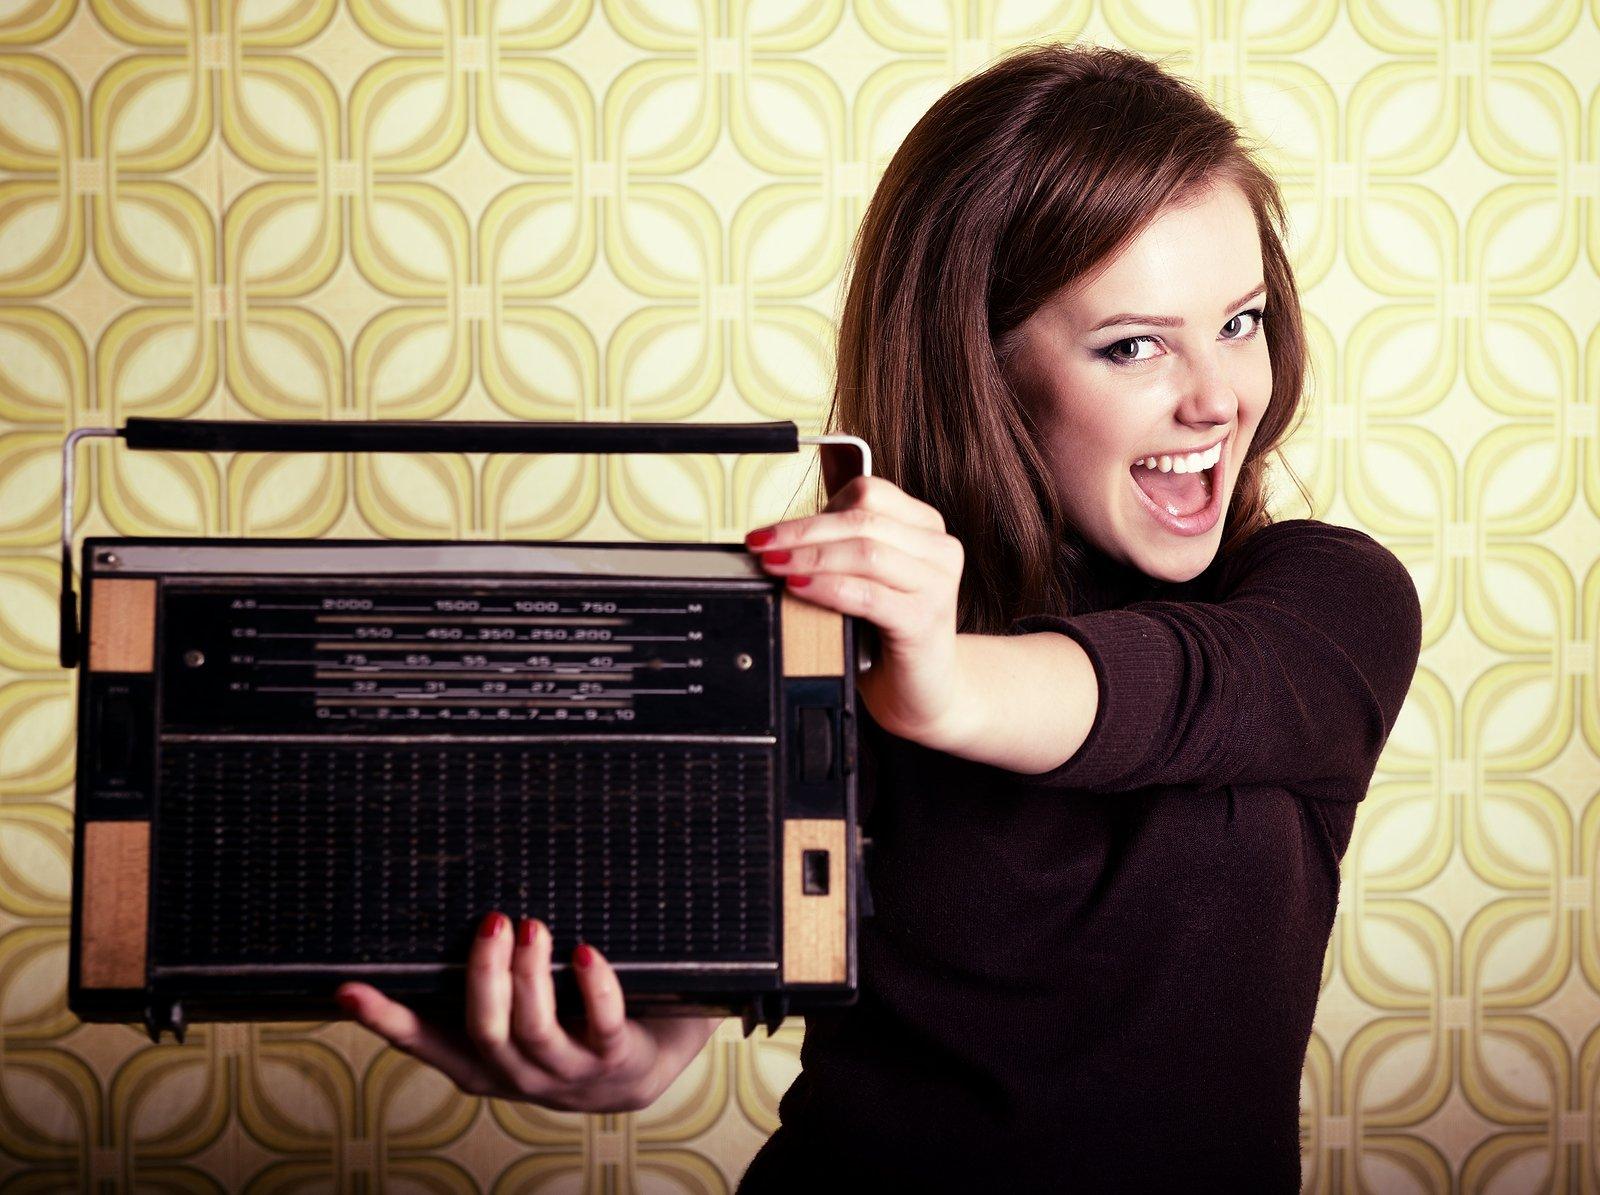 Картинки музыки радио